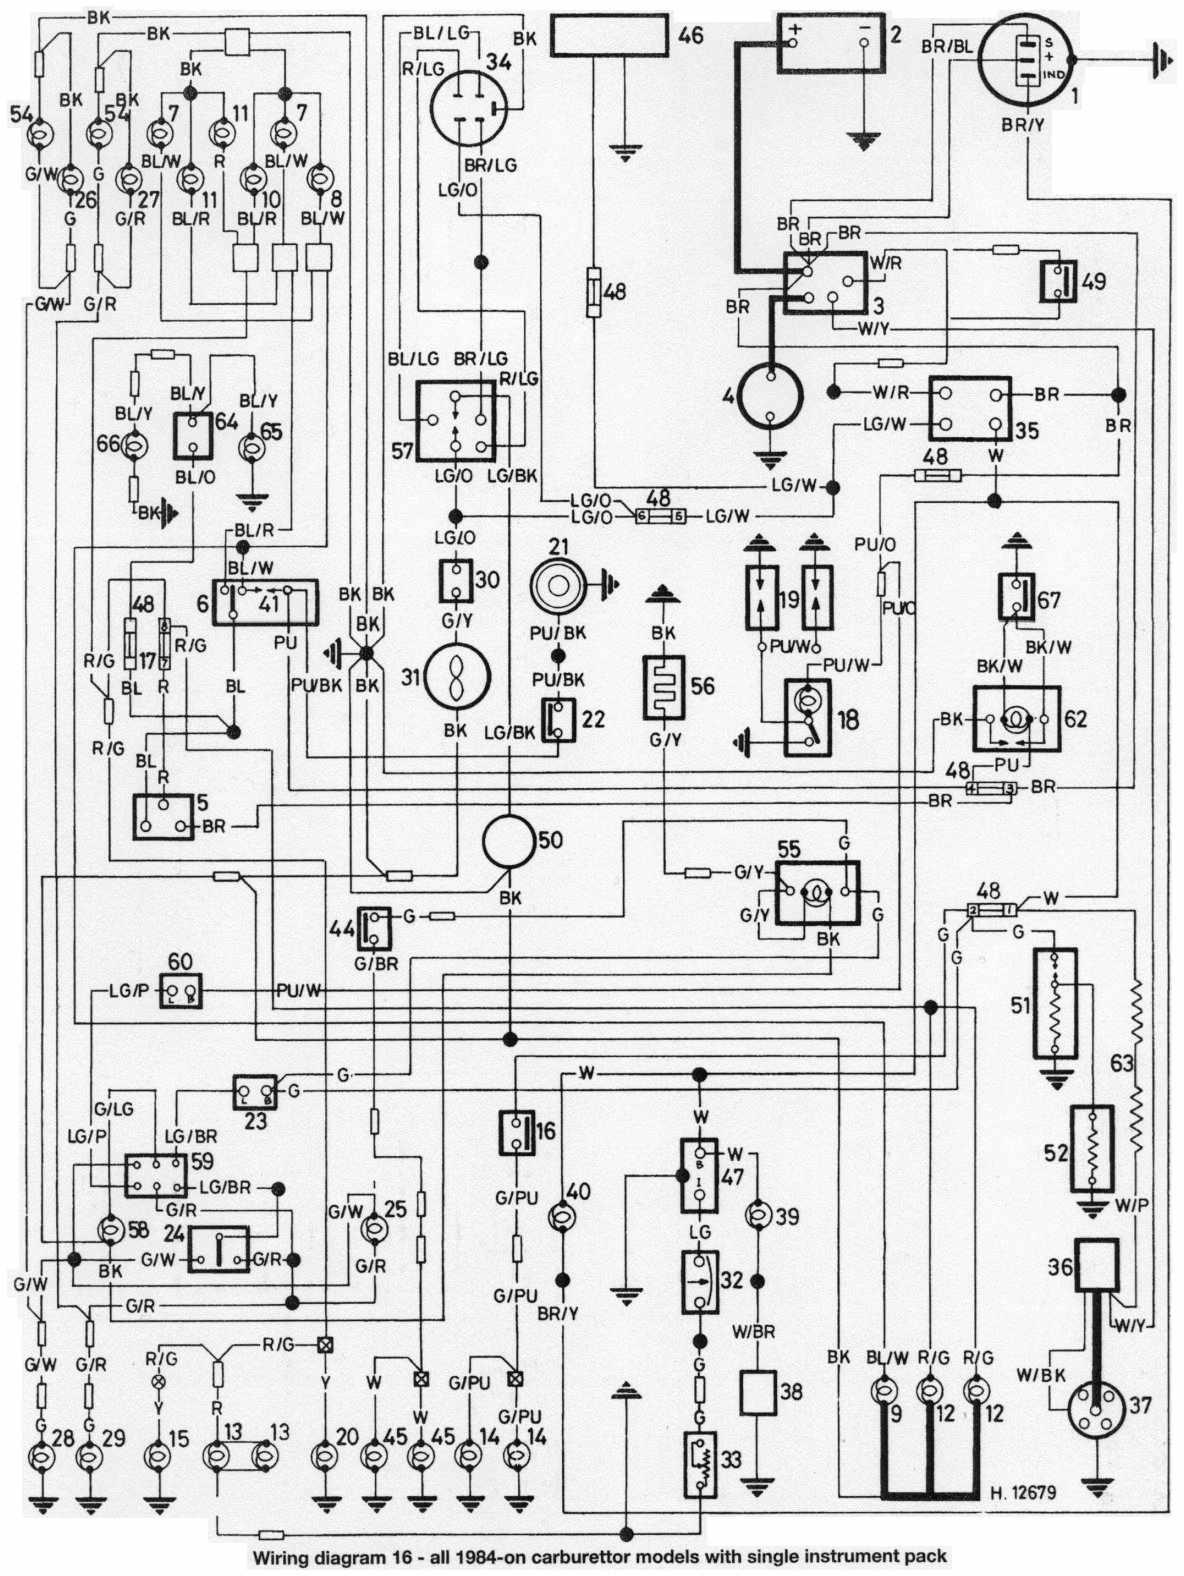 medium resolution of 1967 mini wiring diagram wiring diagram todays rh 4 7 12 1813weddingbarn com 1967 vw wiring diagram 1967 ford wiring diagram